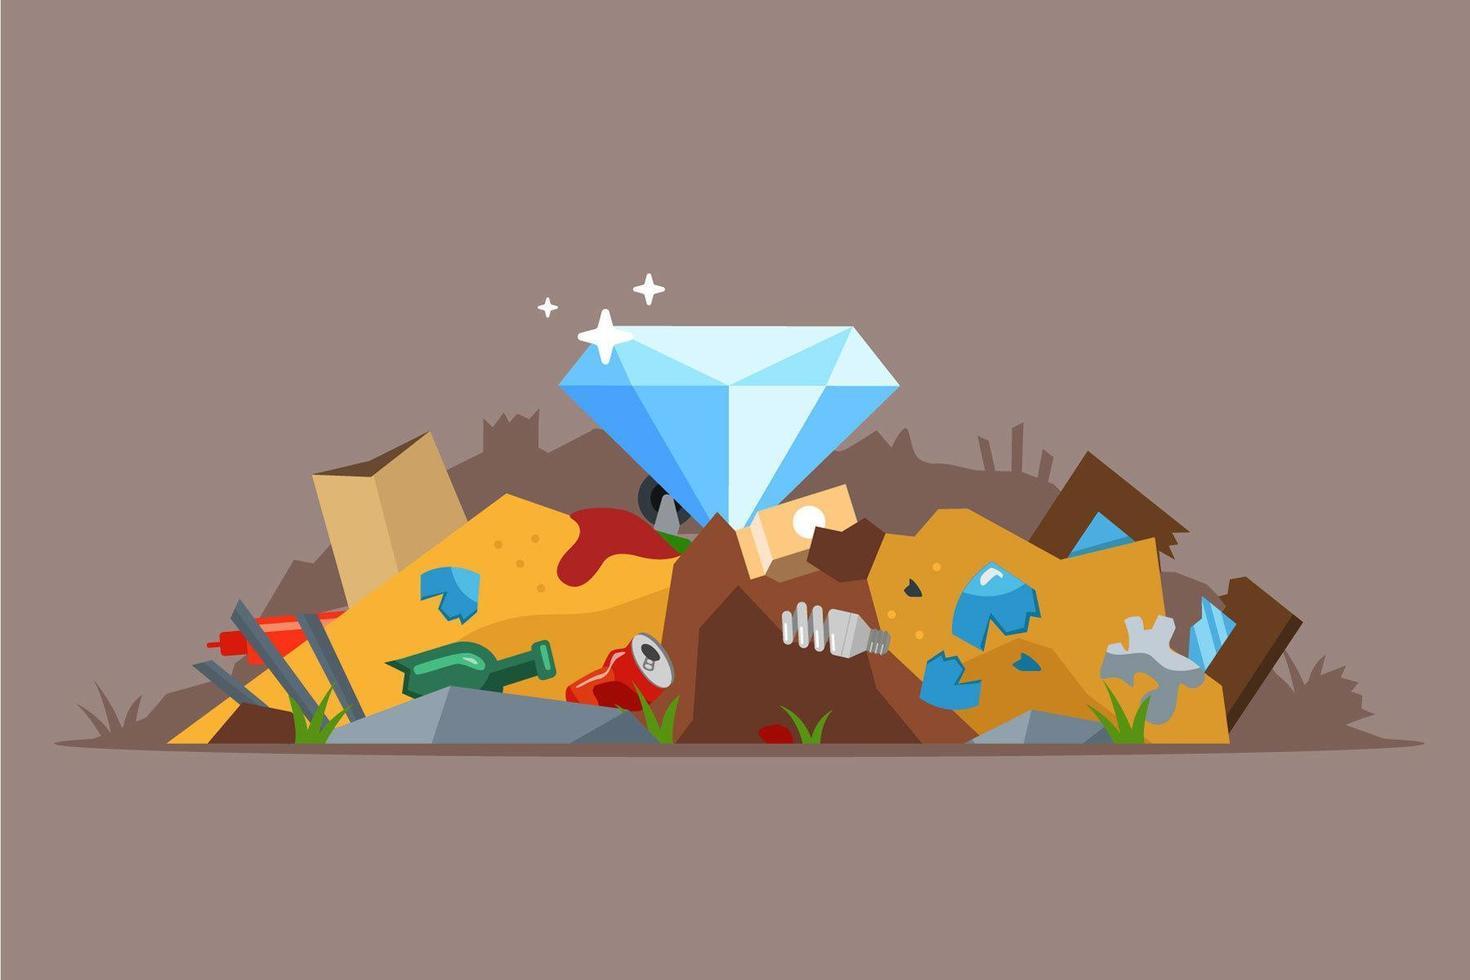 diamante na pilha de lixo vetor